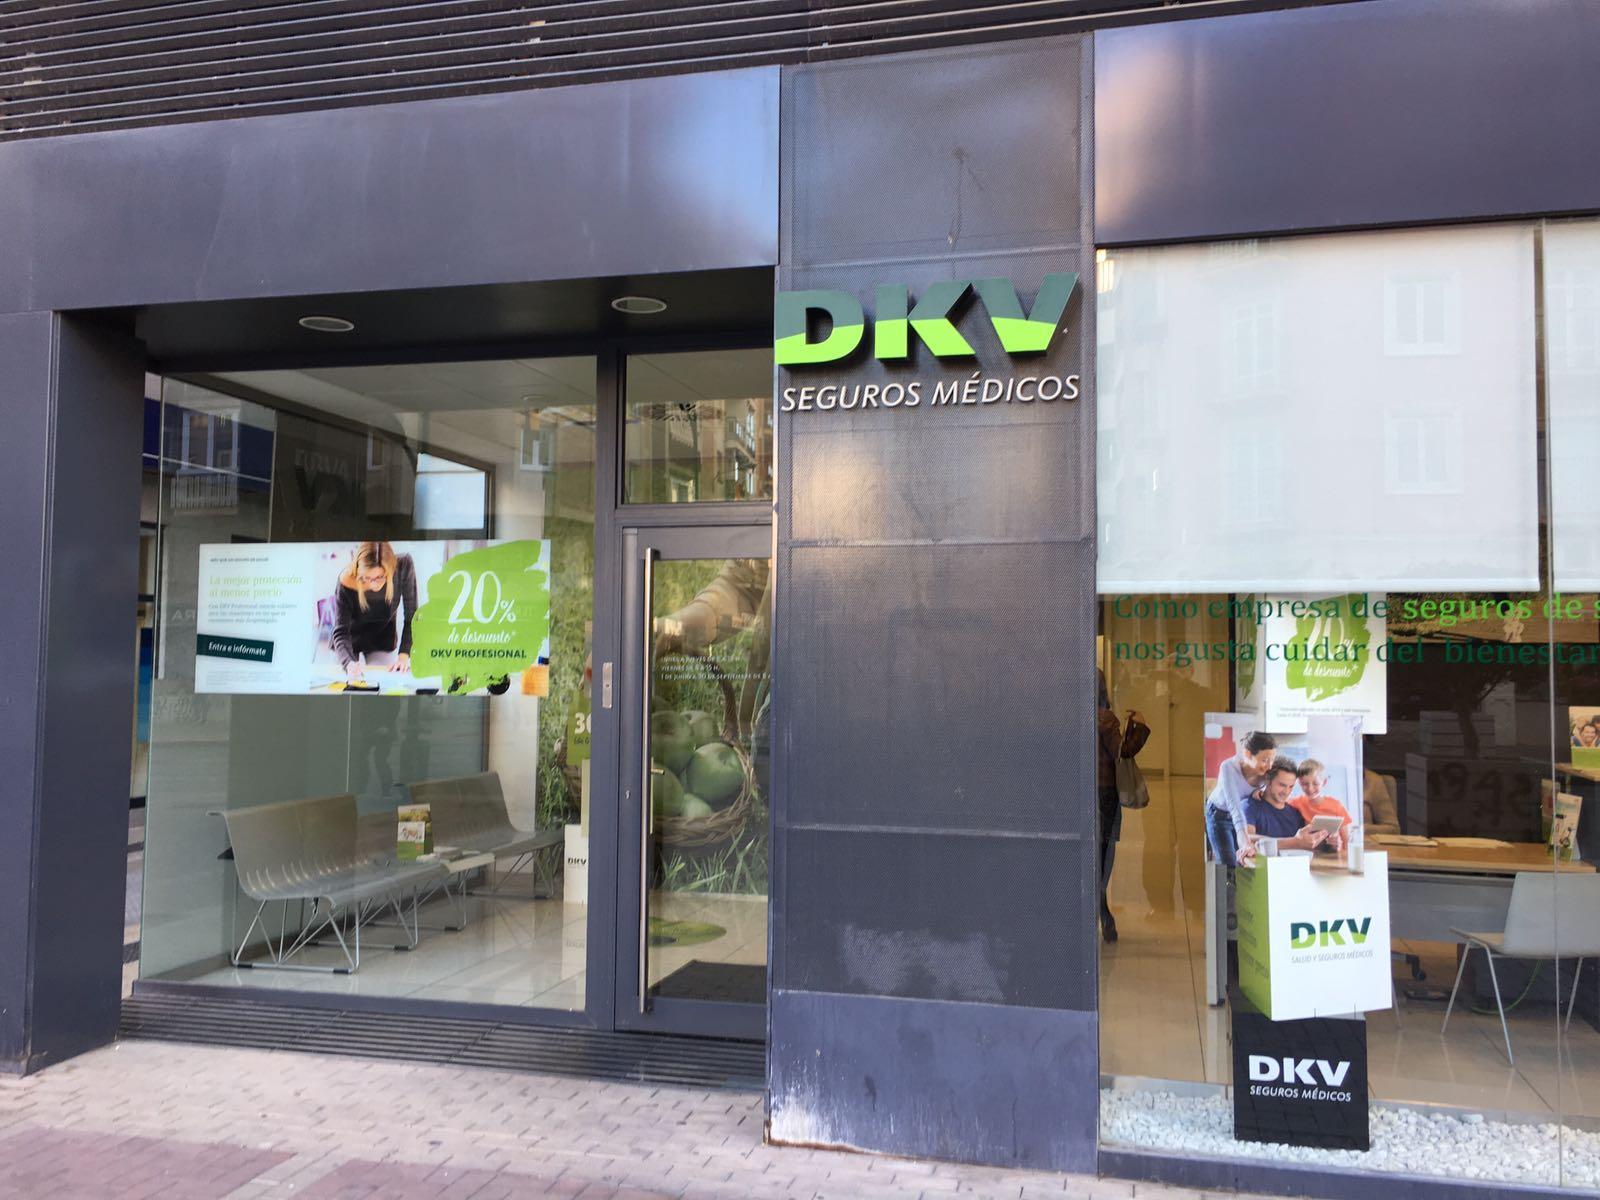 Oficina DKV Seguros Málaga